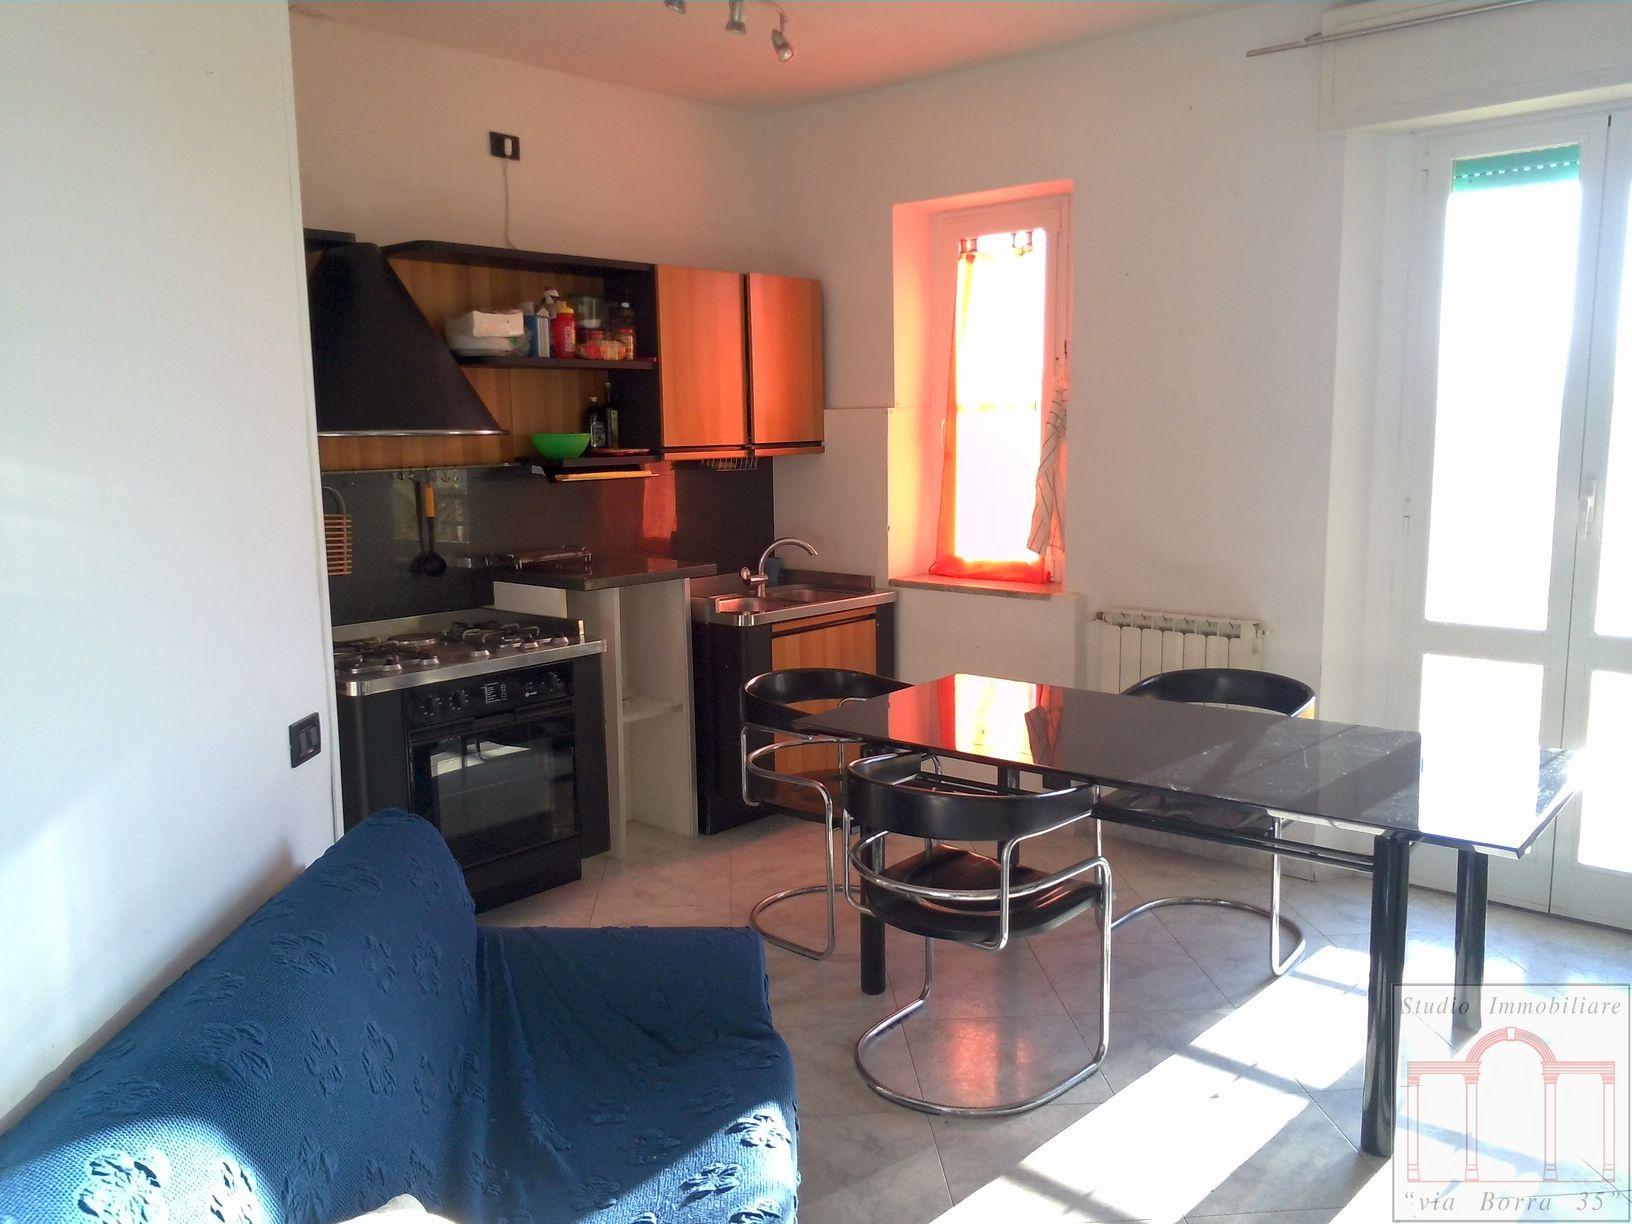 Appartamento in vendita a Livorno, 1 locali, zona Località: Periferianord, prezzo € 80.000 | Cambio Casa.it